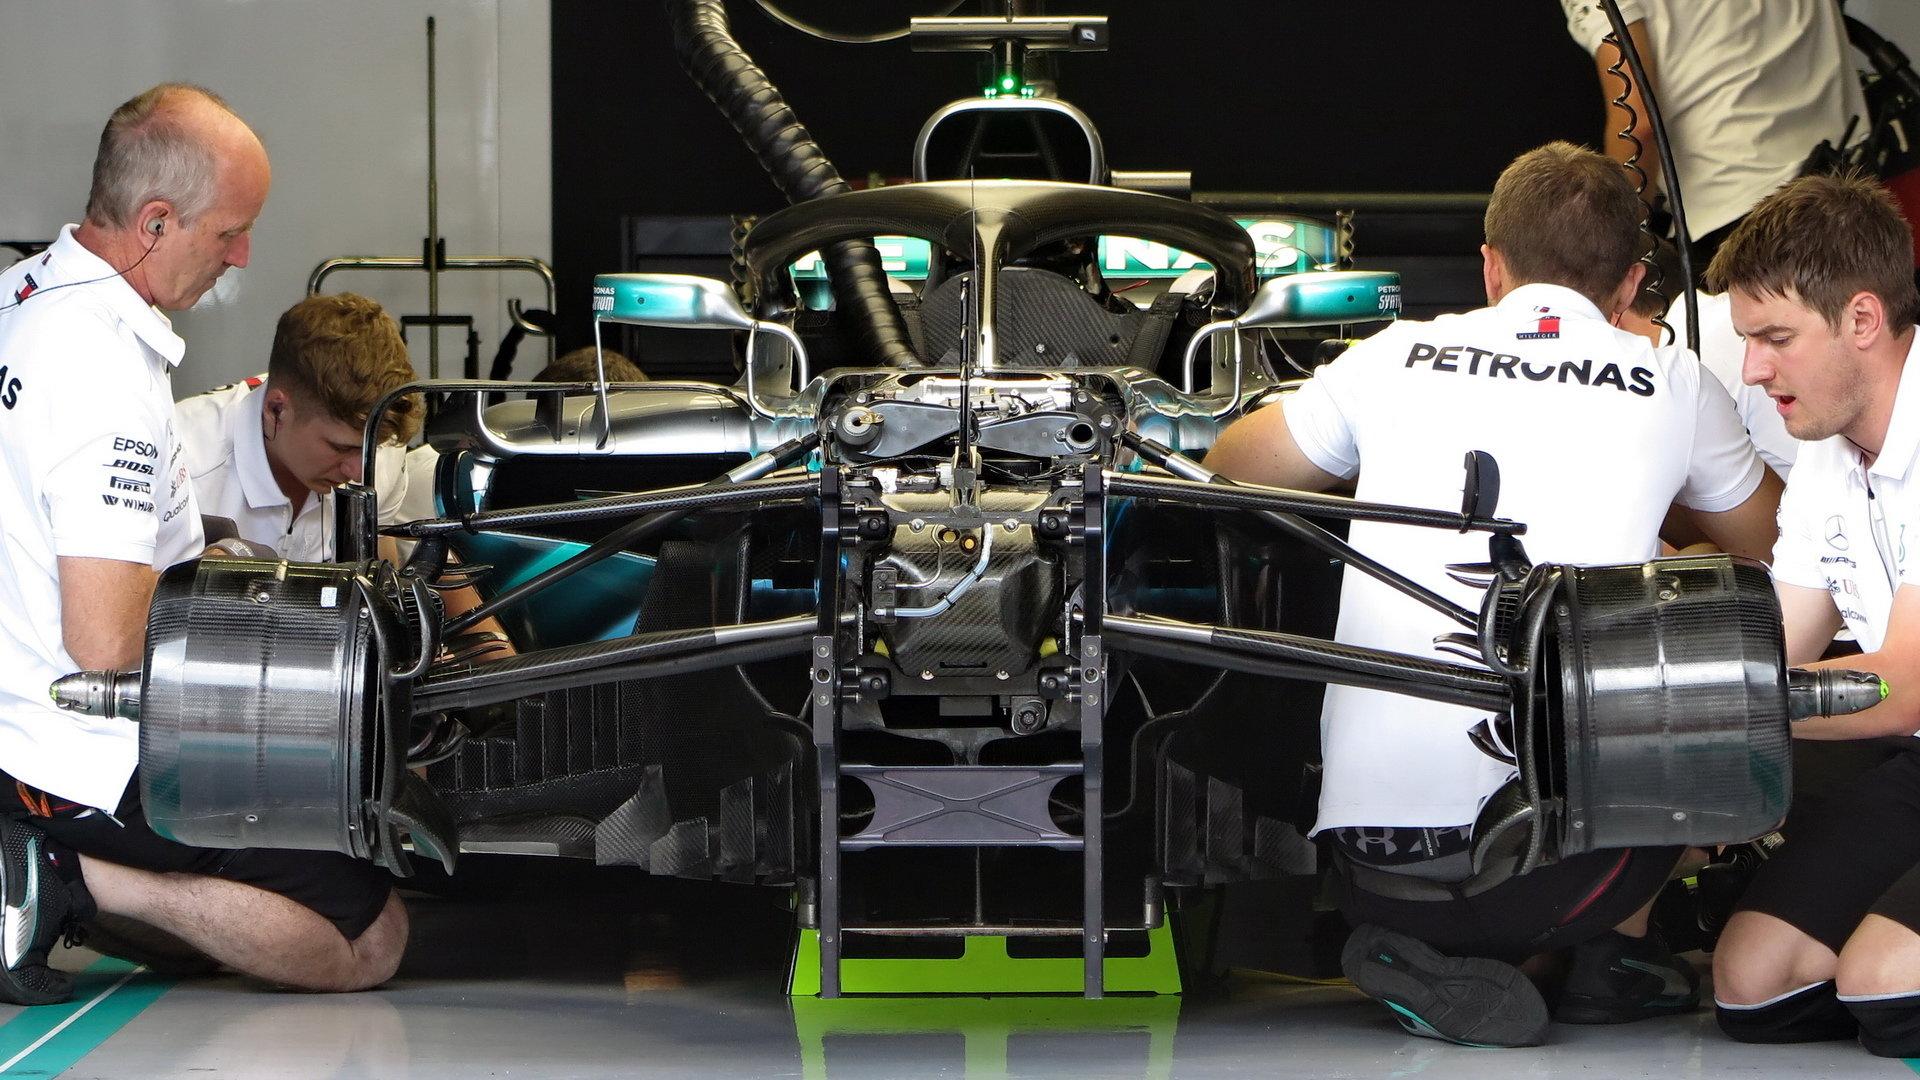 Mercedes doufá, že doma předvede skvělou show a své soupeře porazí